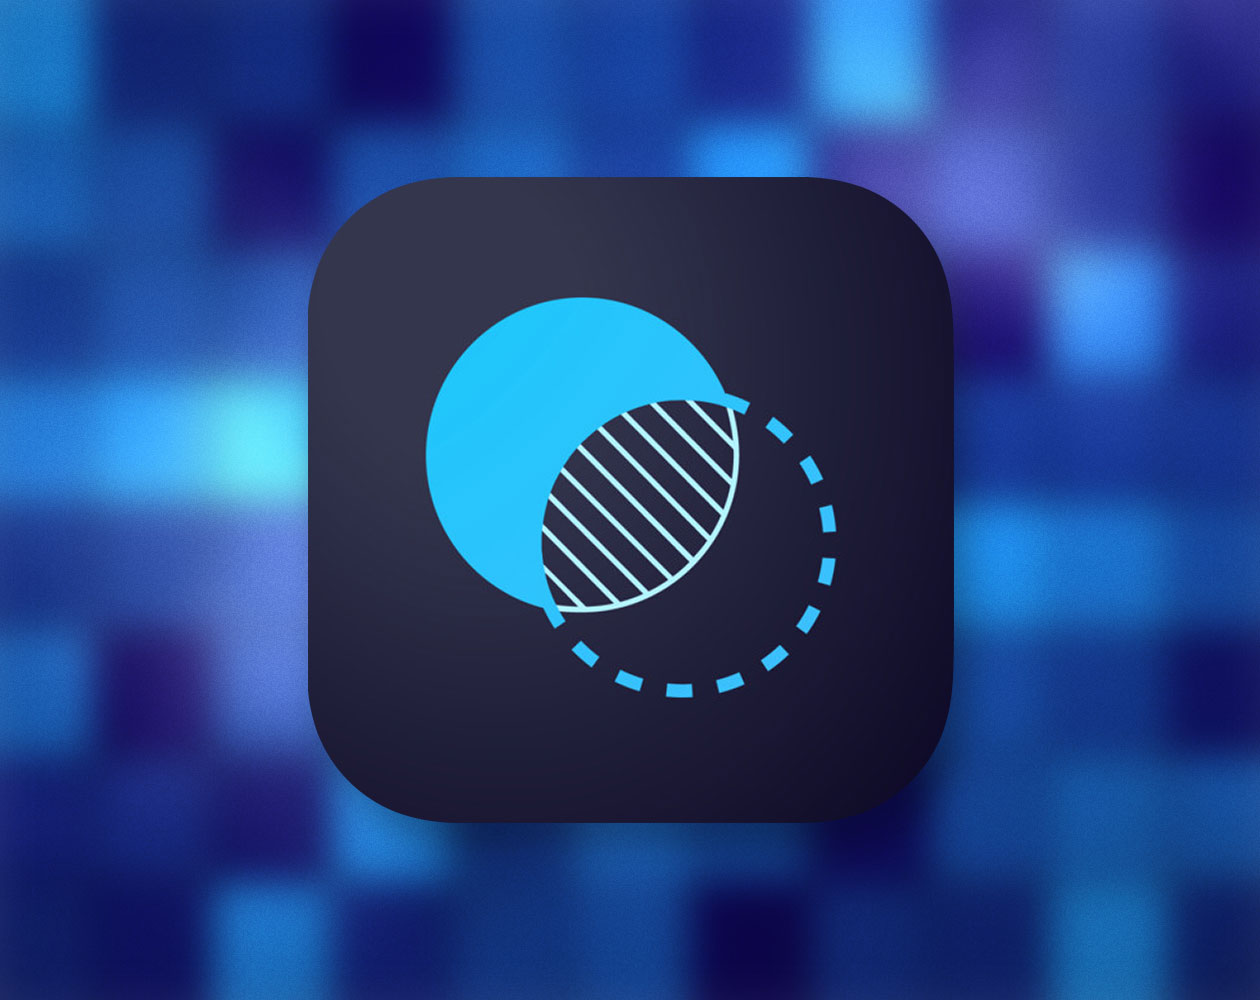 Photoshop Mix для iPad - новый графический редактор от Adobe